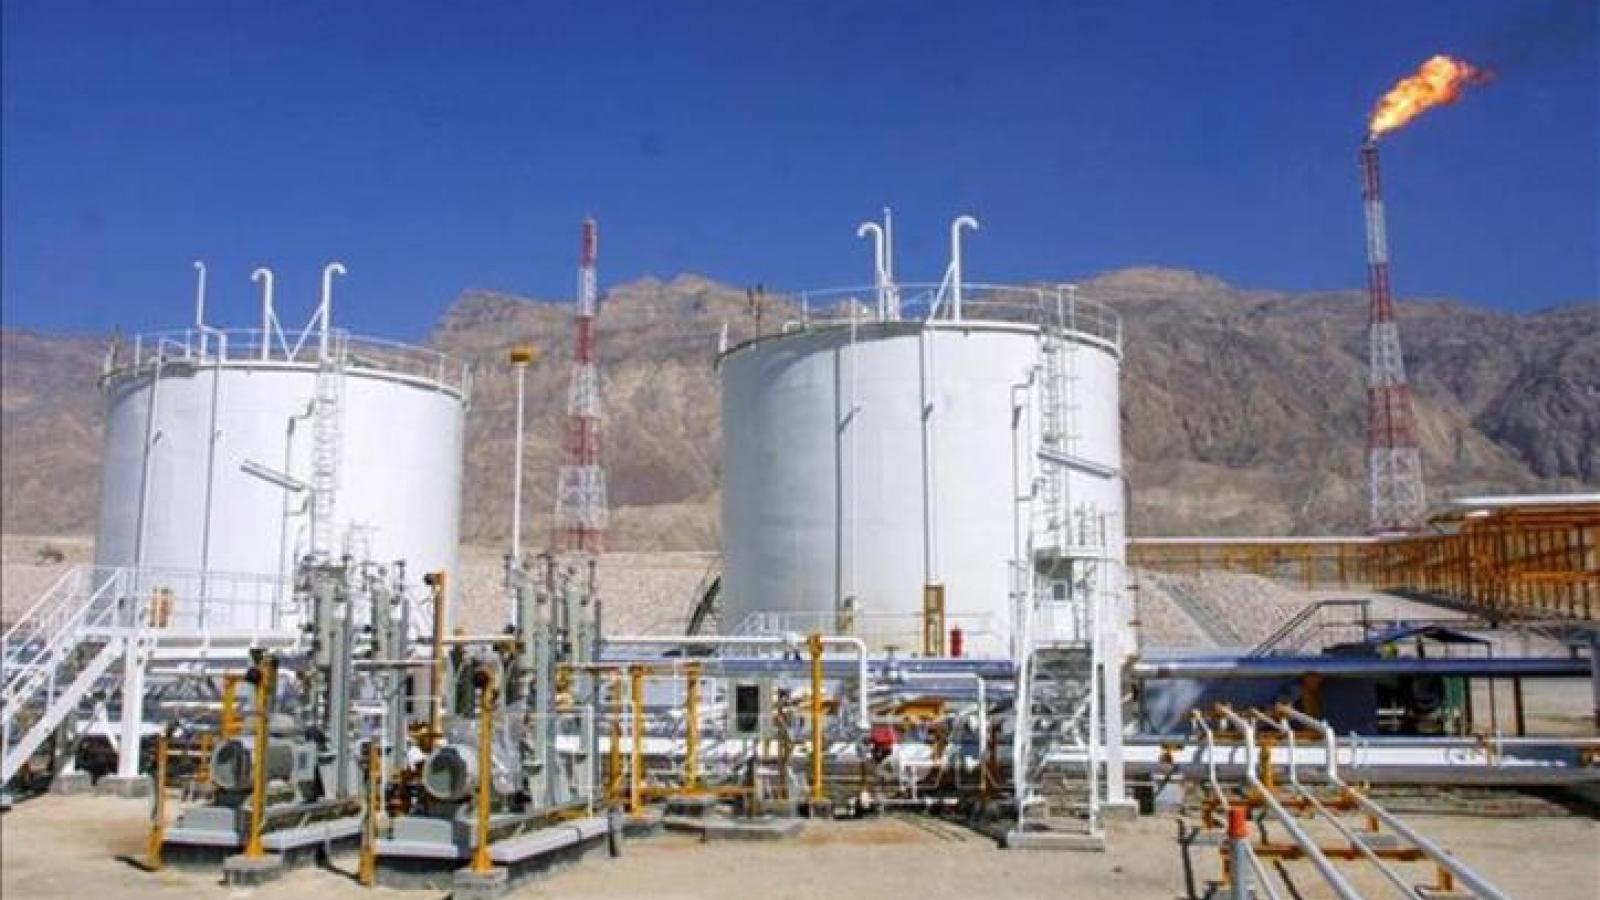 Mỹ trừng phạt ngành công nghiệp dầu của Iran